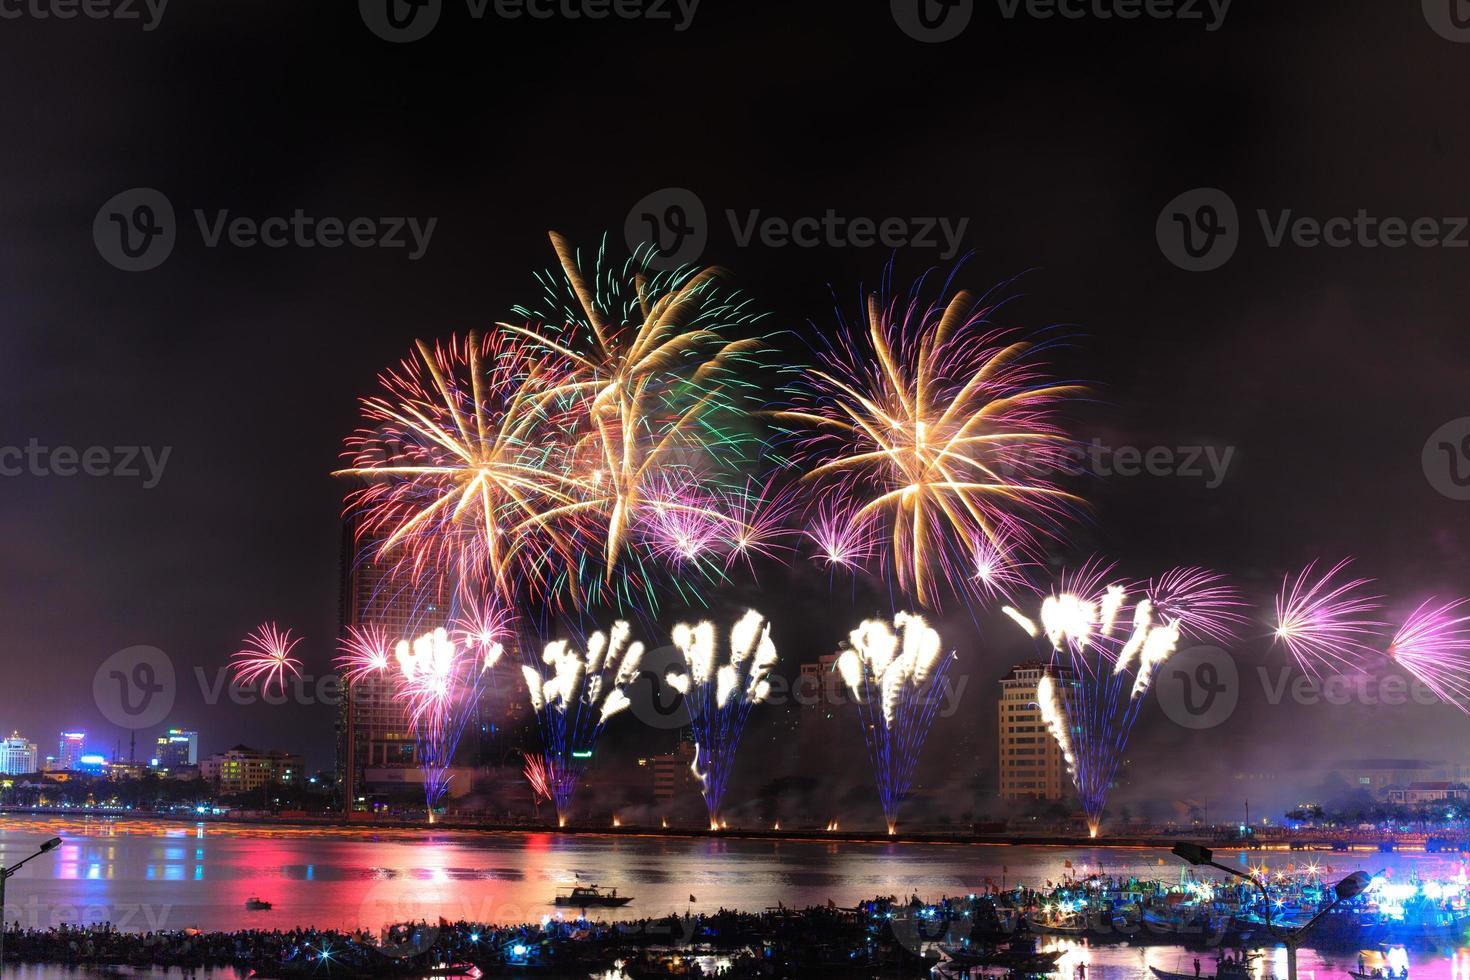 färgglada festival fyrverkerier vid floden foto